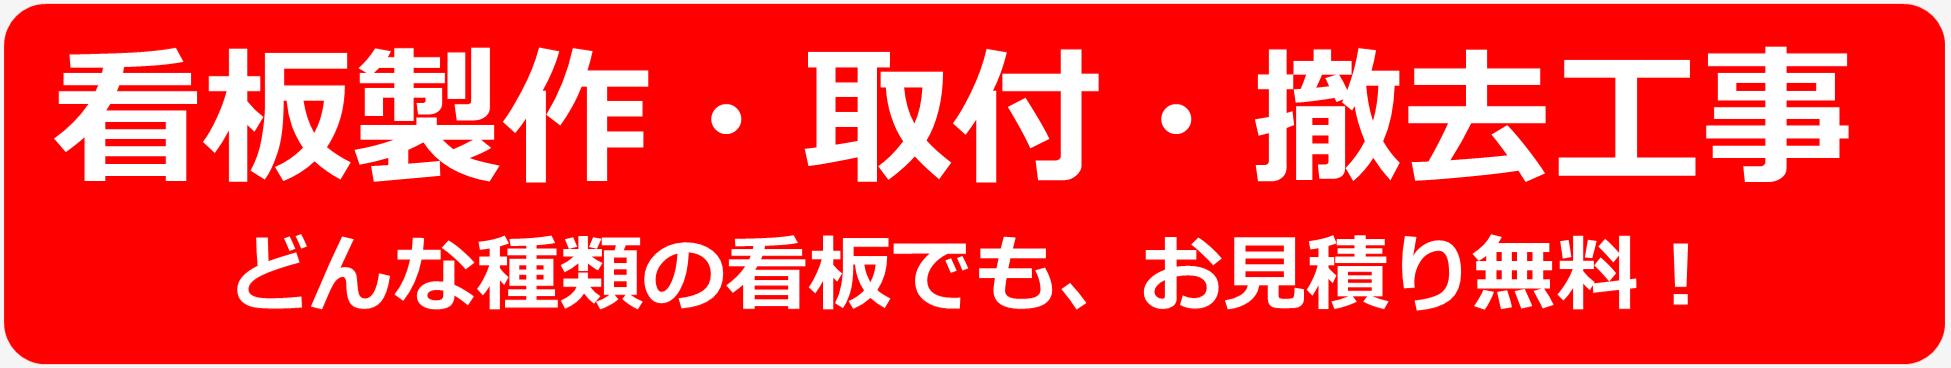 激安看板.com お見積り無料! 看板屋 大吉 東京(江戸川)・千葉(市川・行徳・浦安・船橋)・埼玉 を中心にして制作、取付、撤去工事など お気軽にお問合せください。